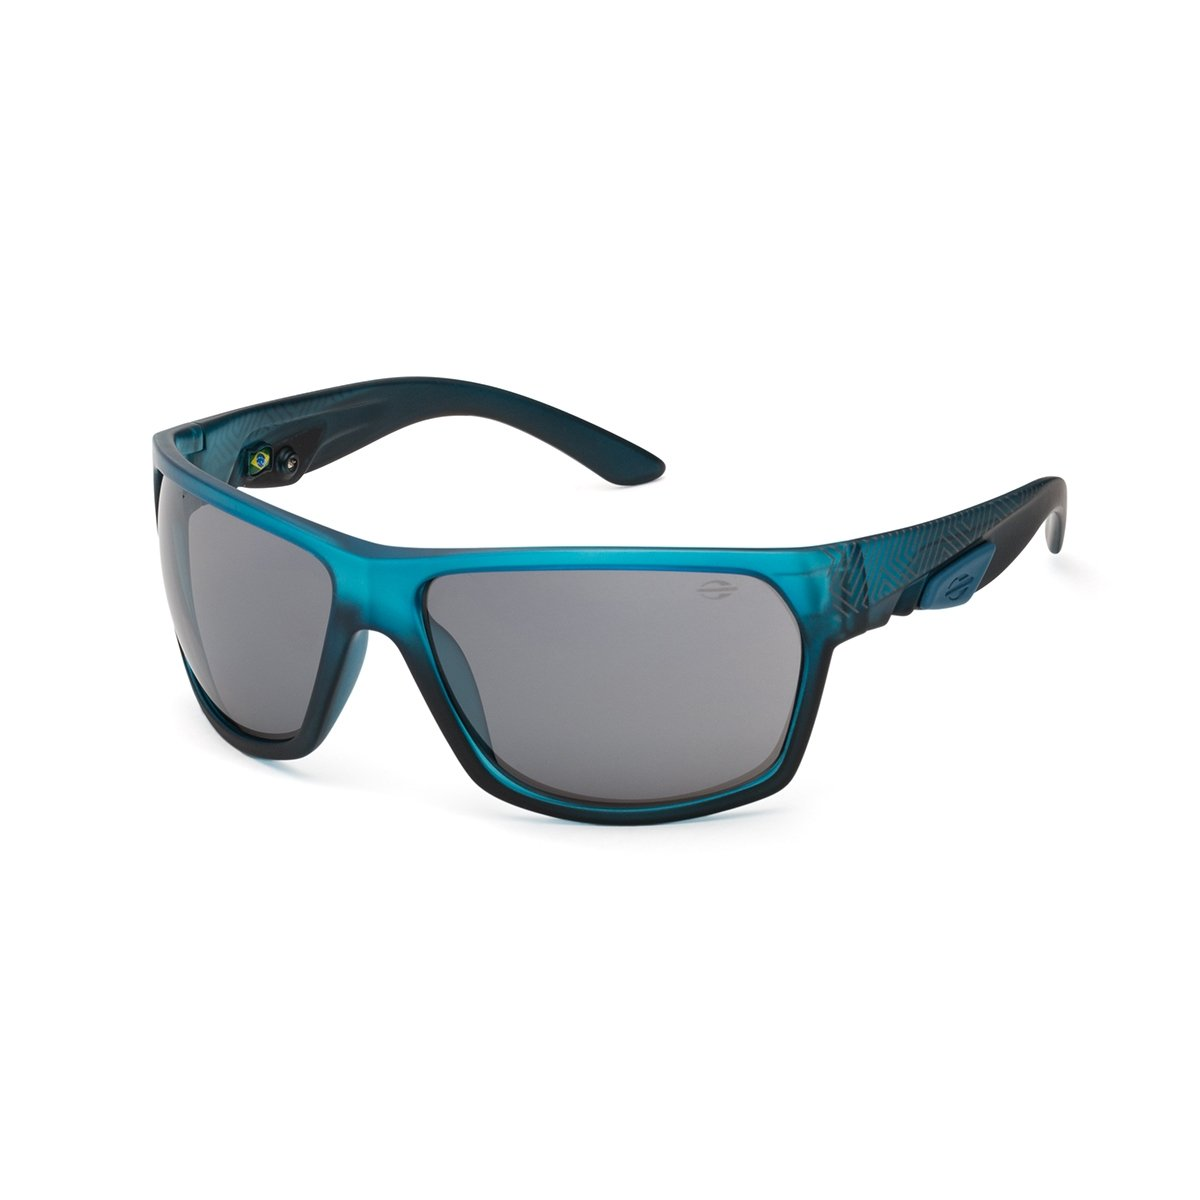 bee1774a775ca Oculos Sol Mormaii Amazonia 2 - Compre Agora